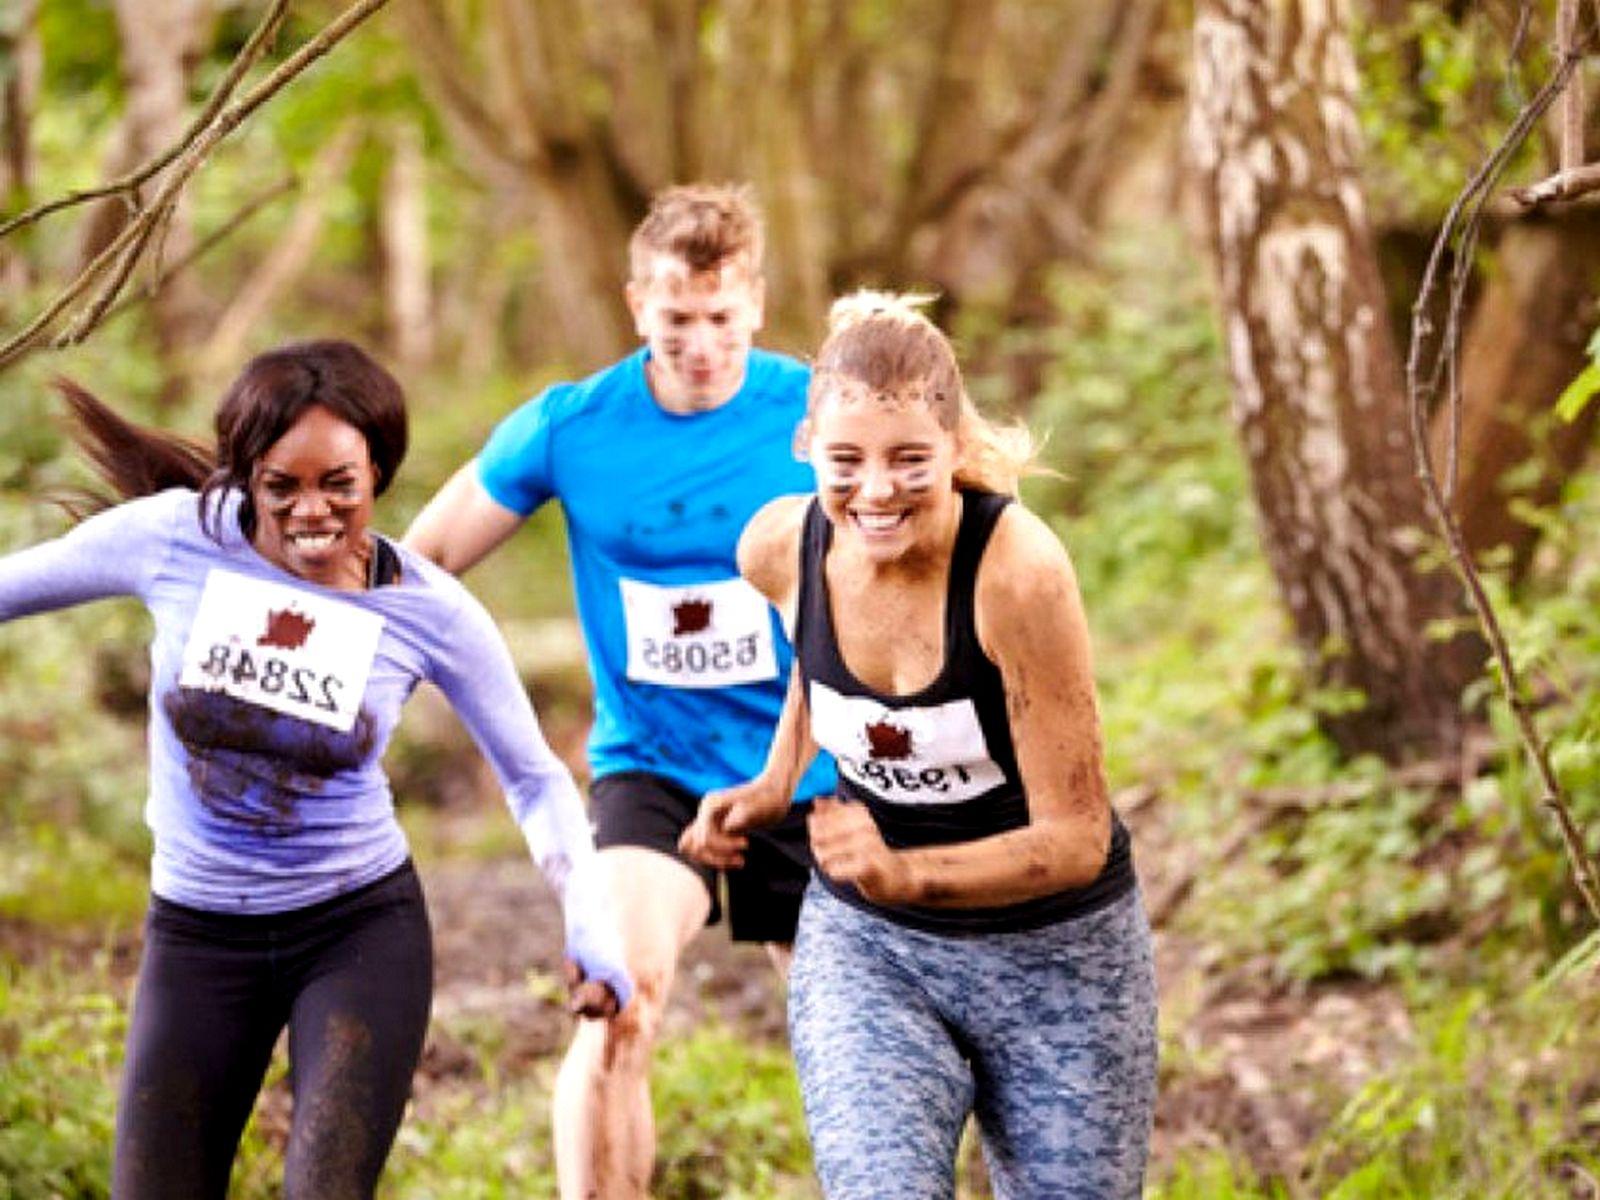 coureur course nature événement sportif d'entreprise sur-mesure